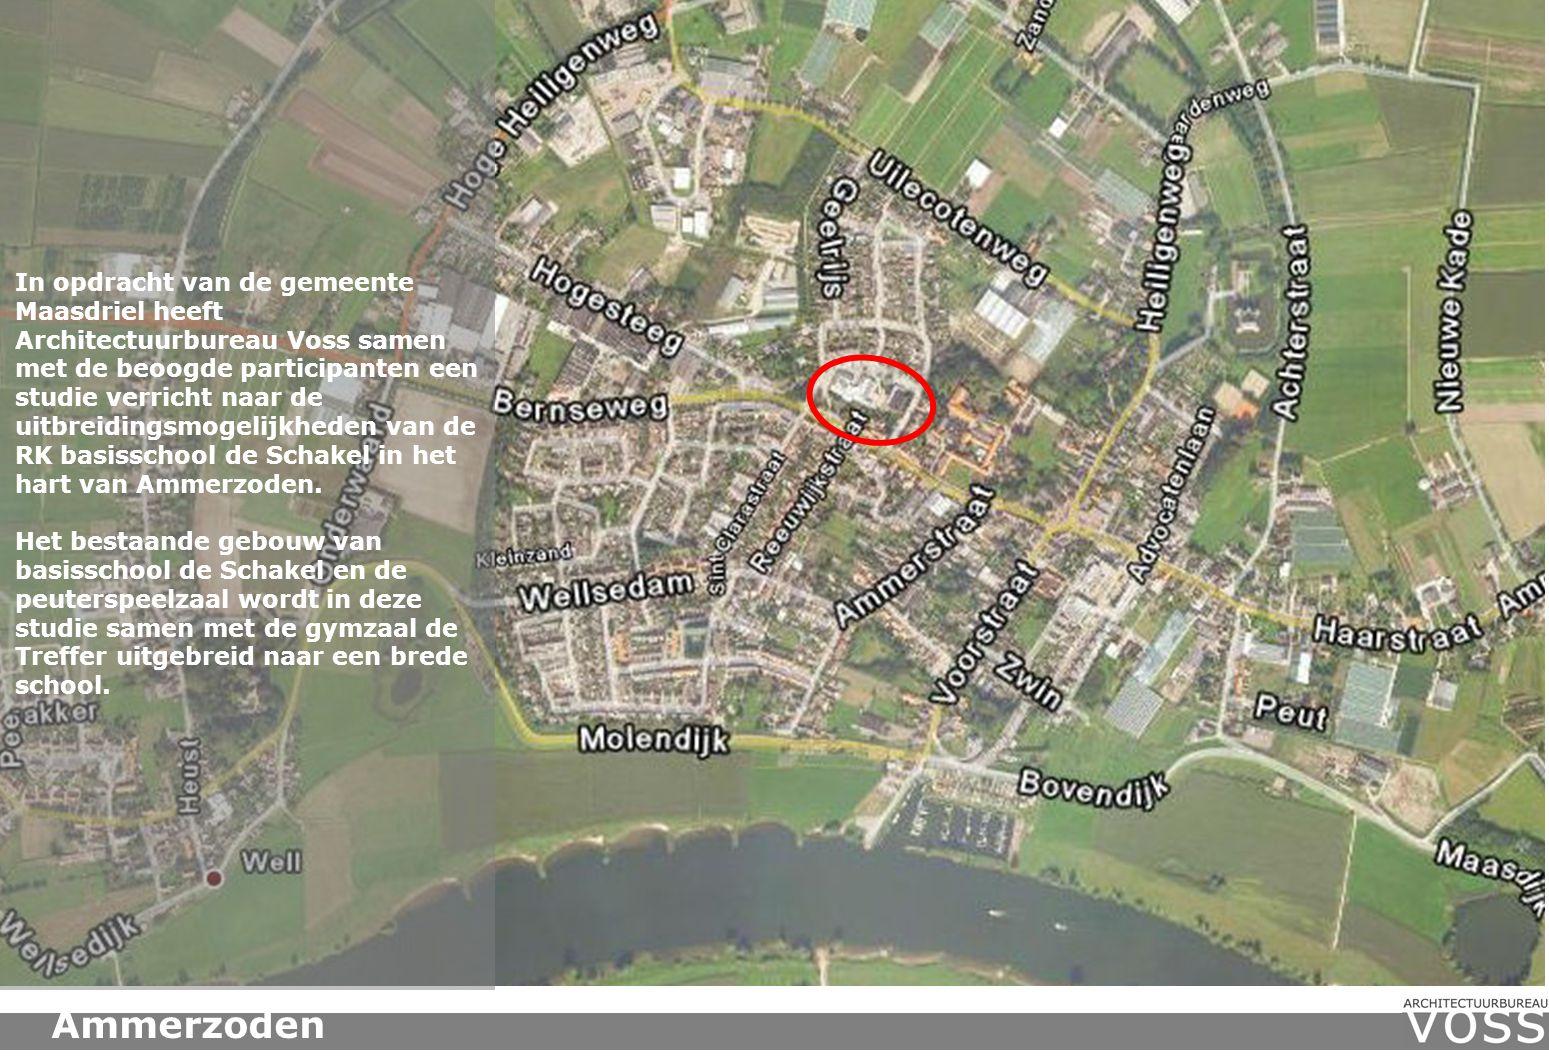 In opdracht van de gemeente Maasdriel heeft Architectuurbureau Voss samen met de beoogde participanten een studie verricht naar de uitbreidingsmogelijkheden van de RK basisschool de Schakel in het hart van Ammerzoden.